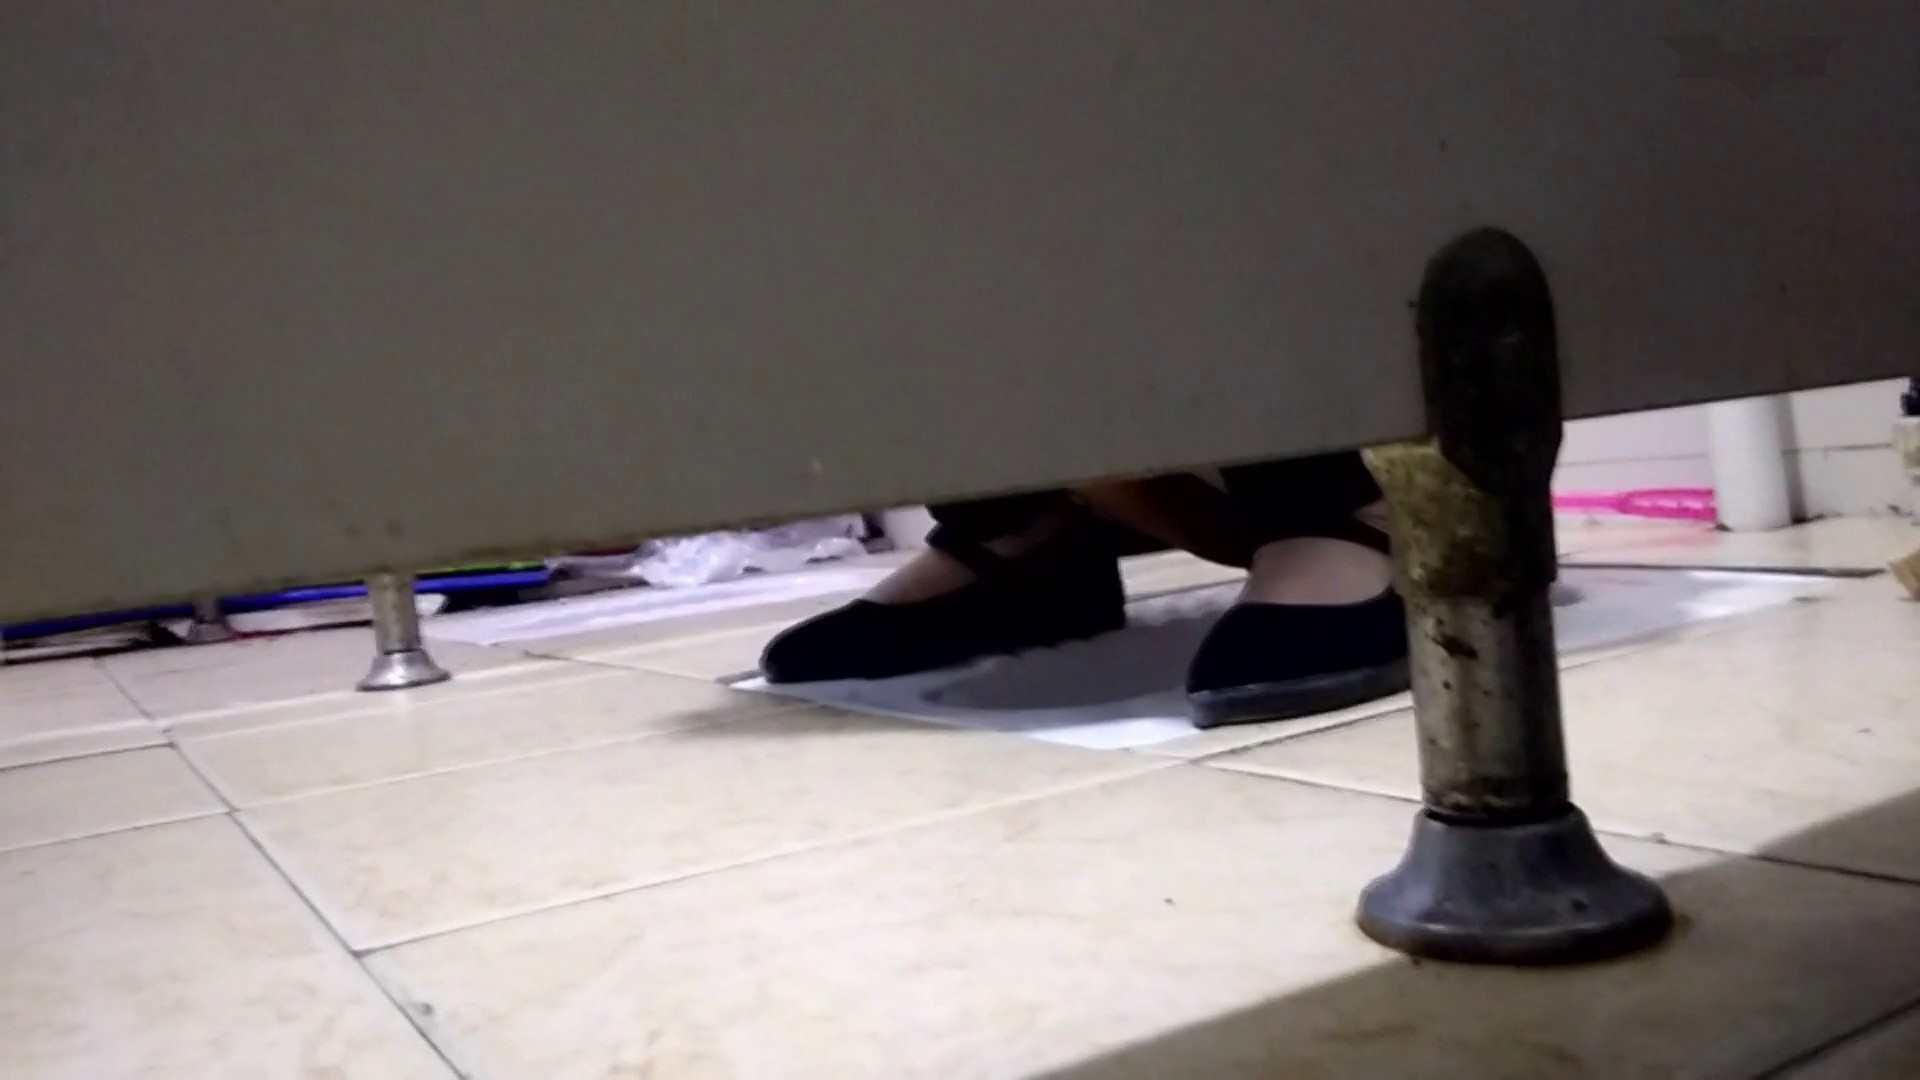 芸術大学ガチ潜入盗撮 JD盗撮 美女の洗面所の秘密 Vol.105 エッチすぎる美女  83連発 30